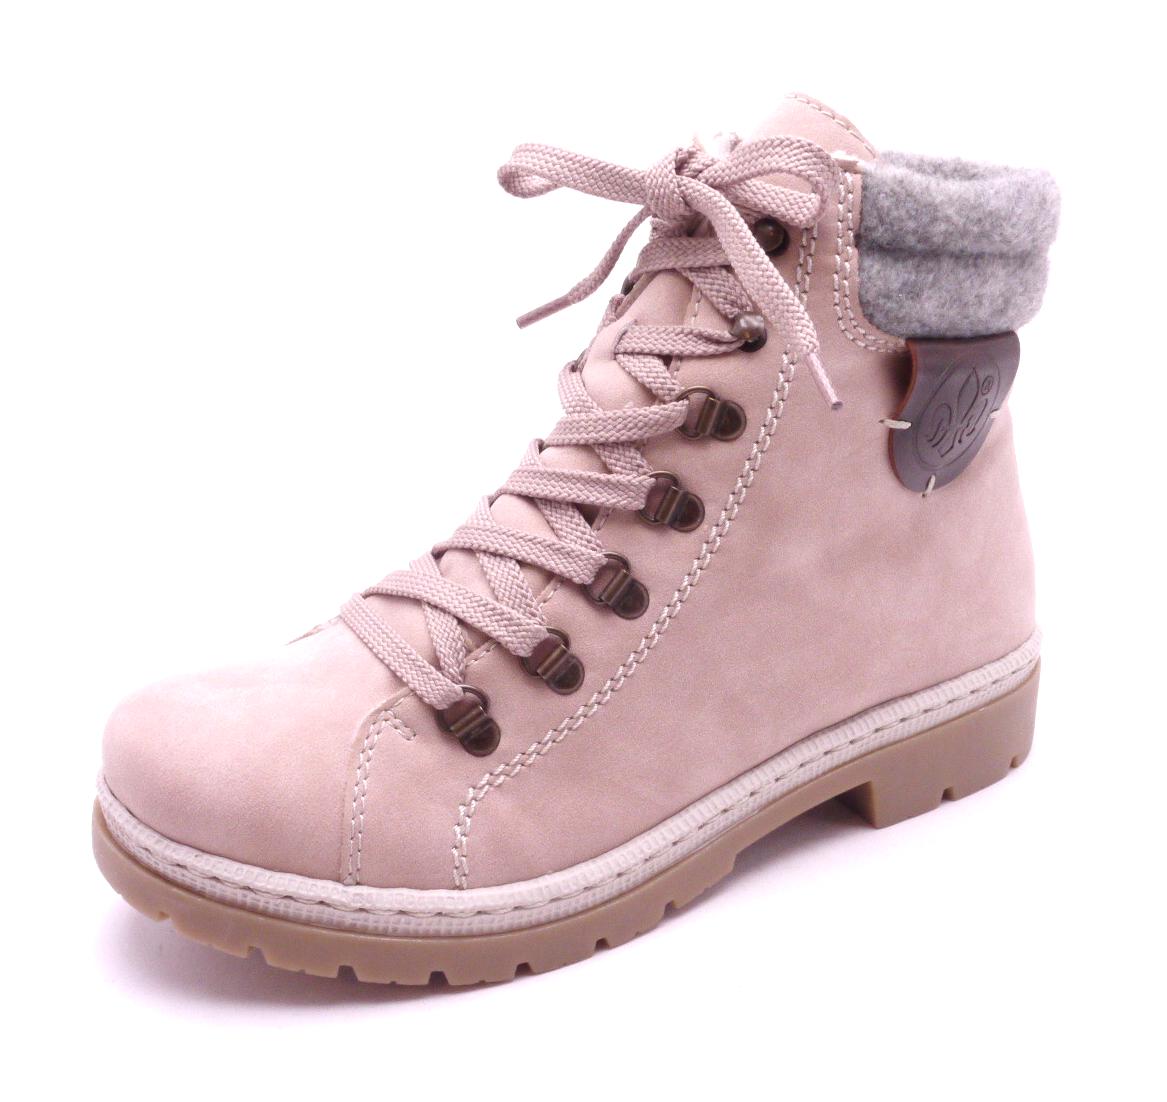 Rieker Dámská kotníková obuv ROSE Y9430-32 Velikost  37 ba4debed4b